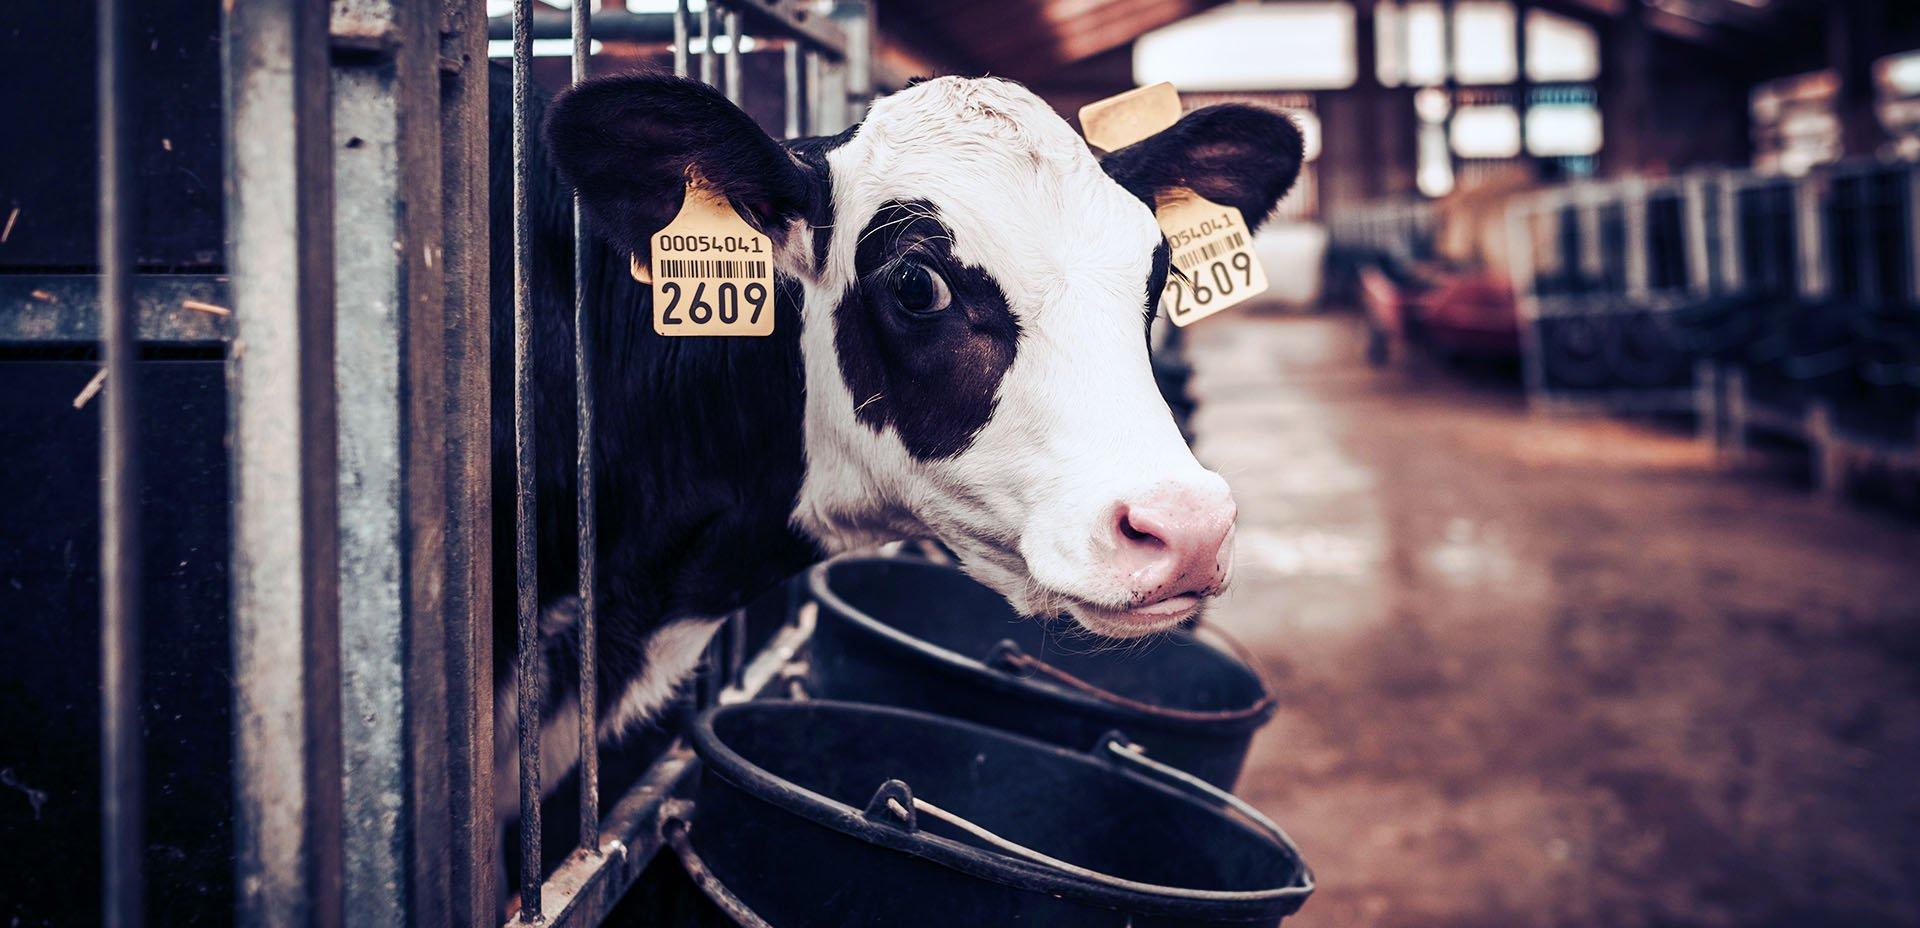 vitello in un allevamento intensivo